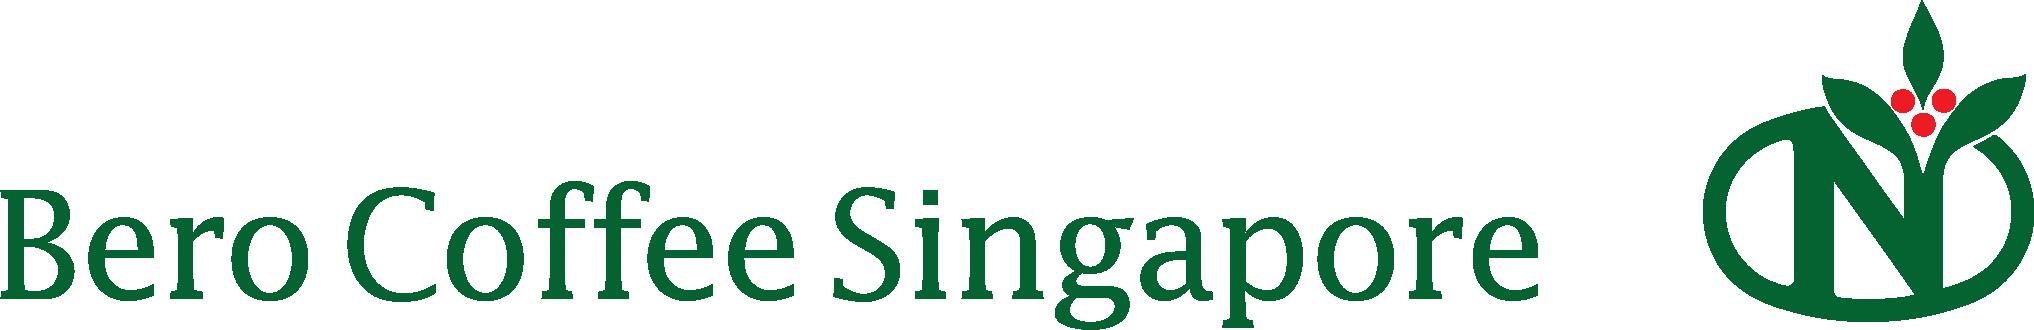 Bero Coffee Singapore Logo